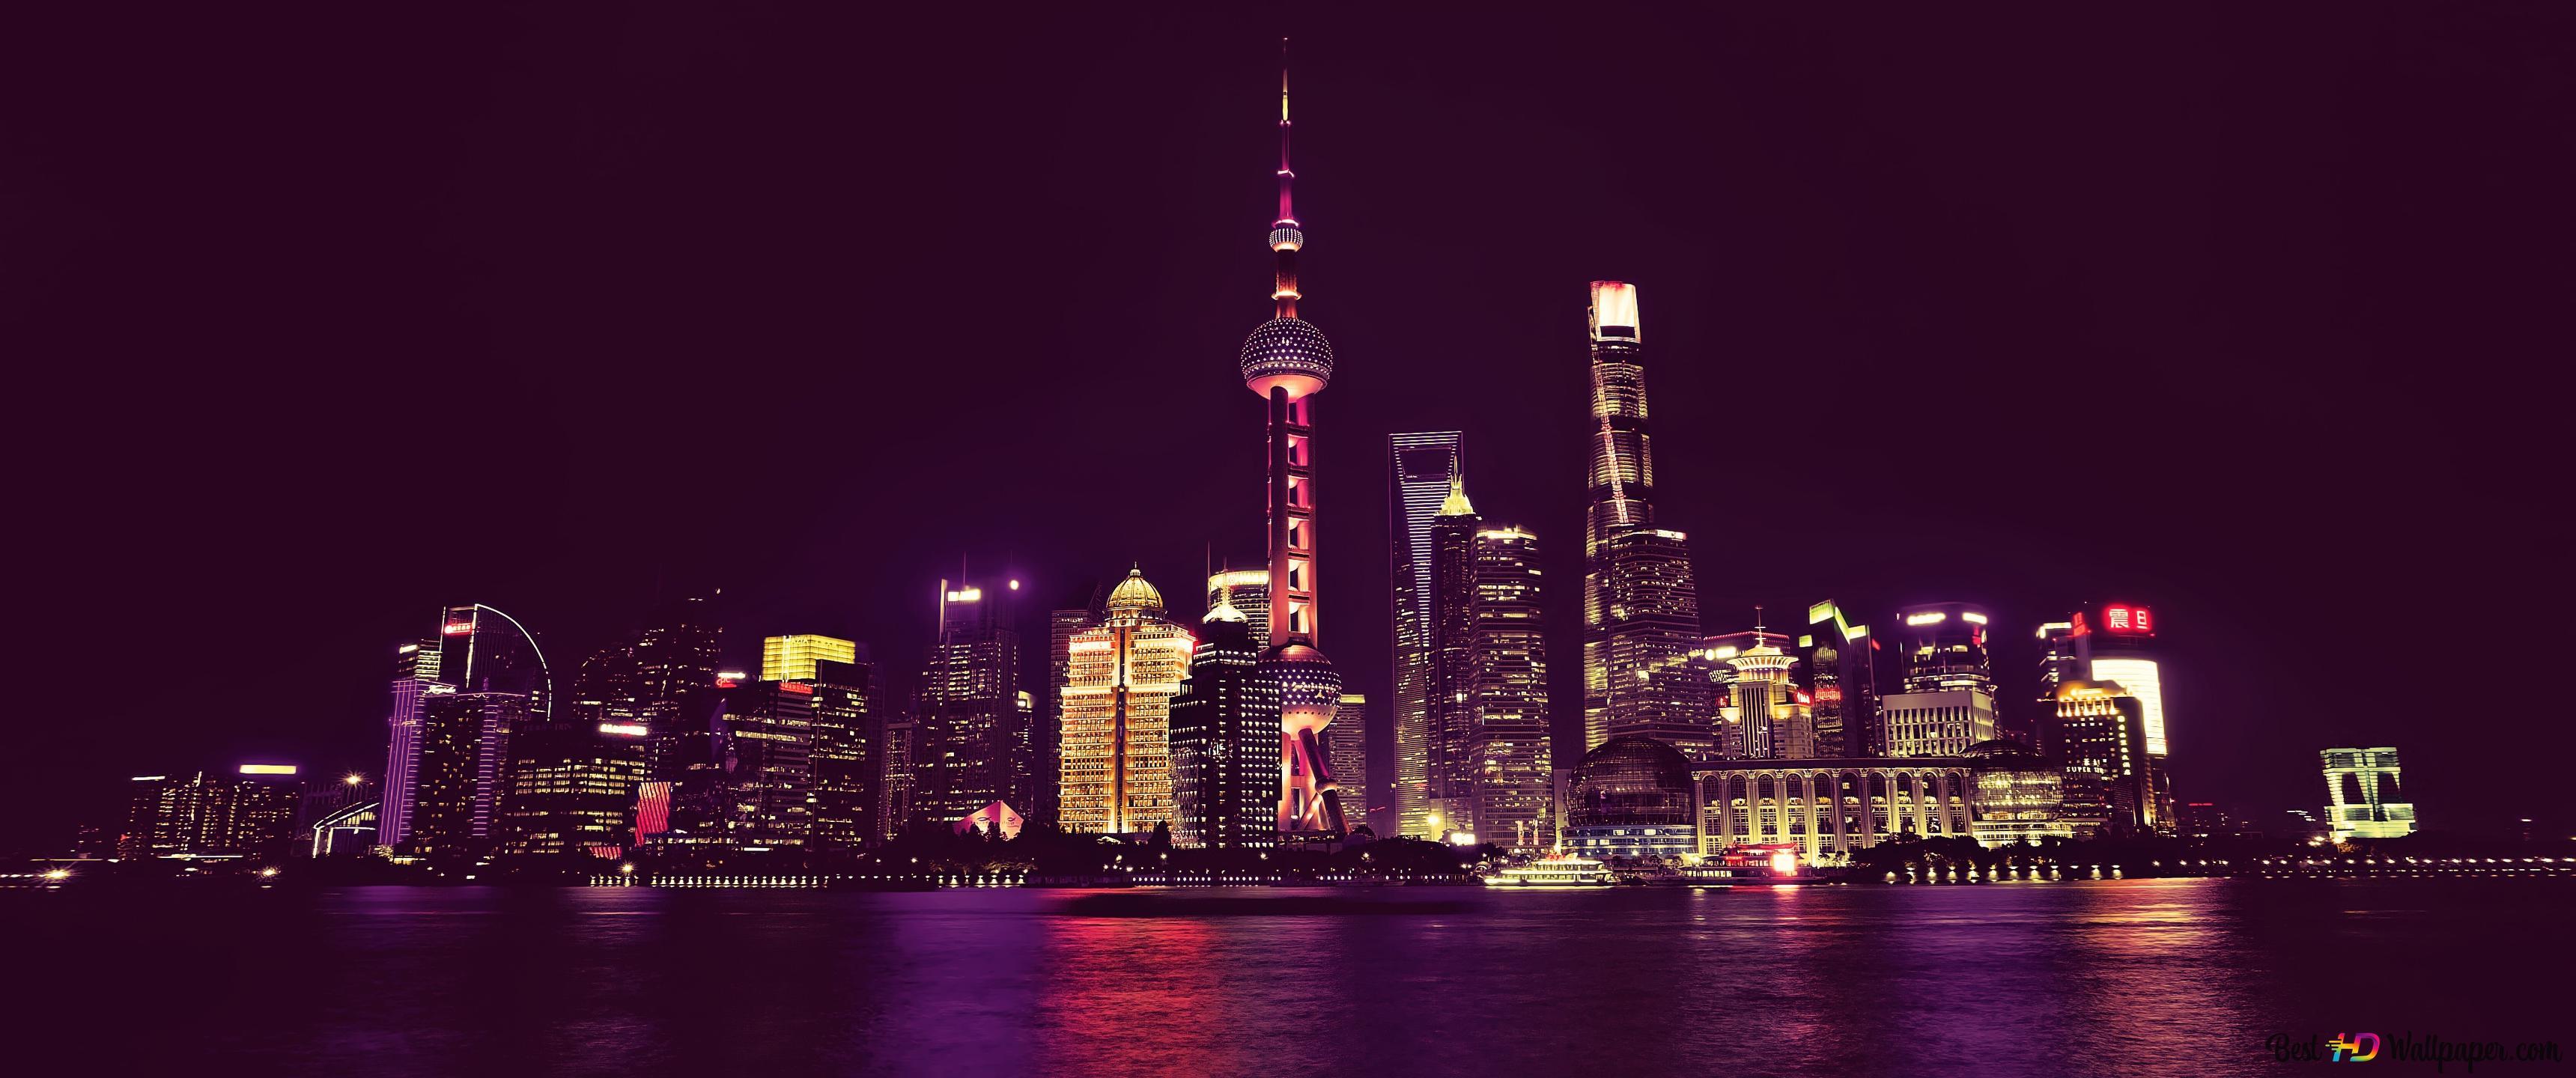 上海 中国の夜 Hd壁紙のダウンロード